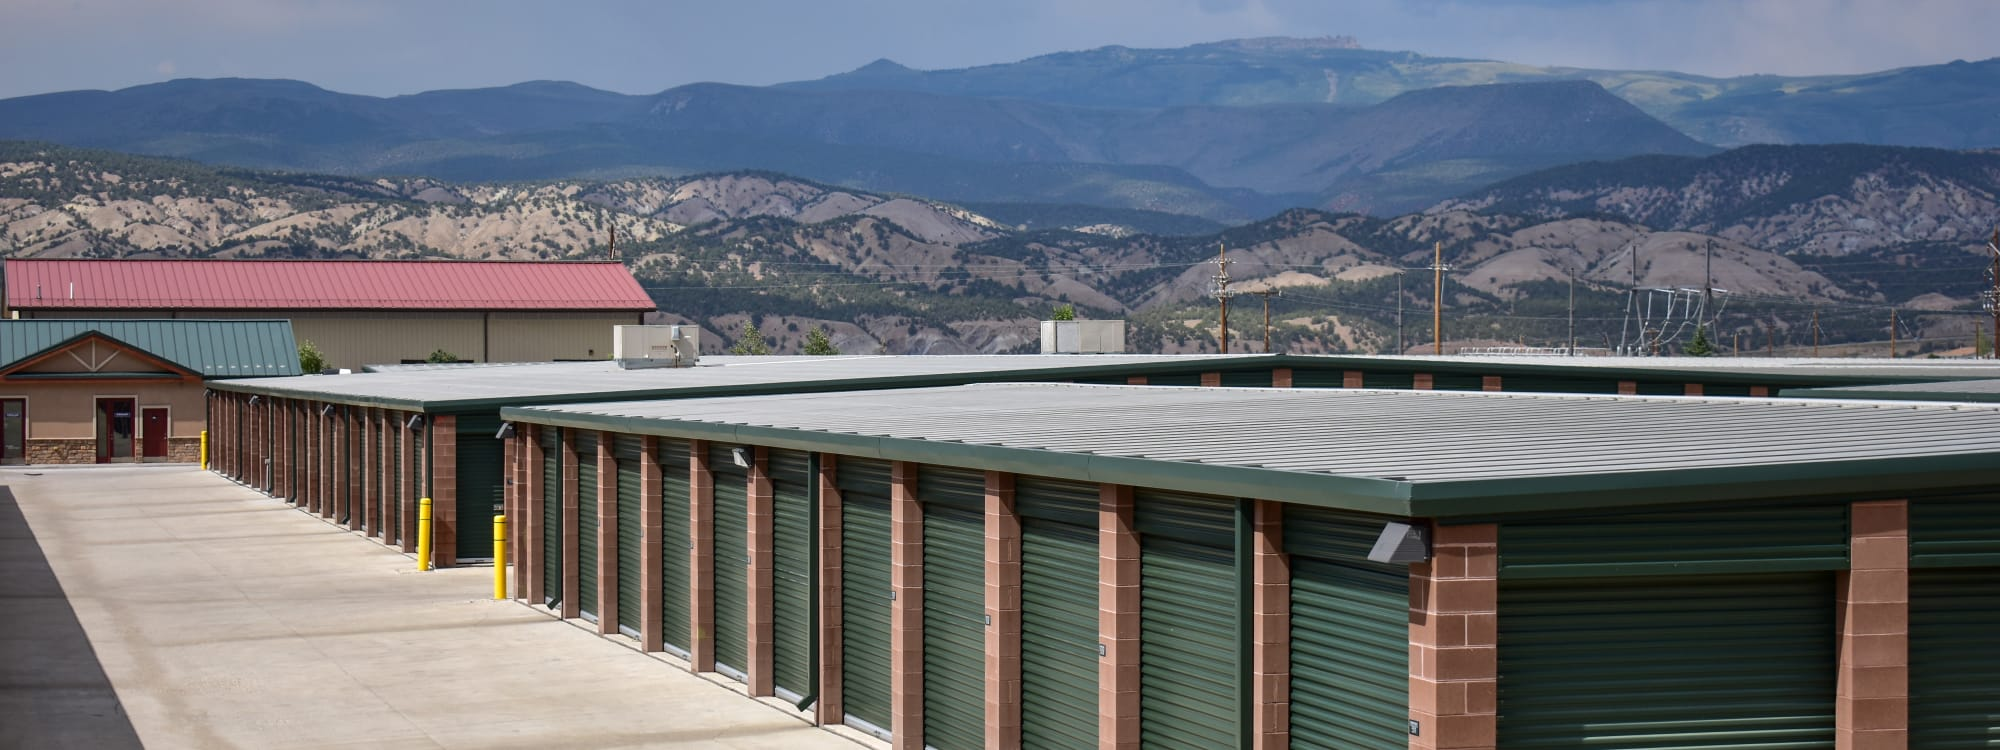 Self storage options at STOR-N-LOCK Self Storage in Gypsum, Colorado